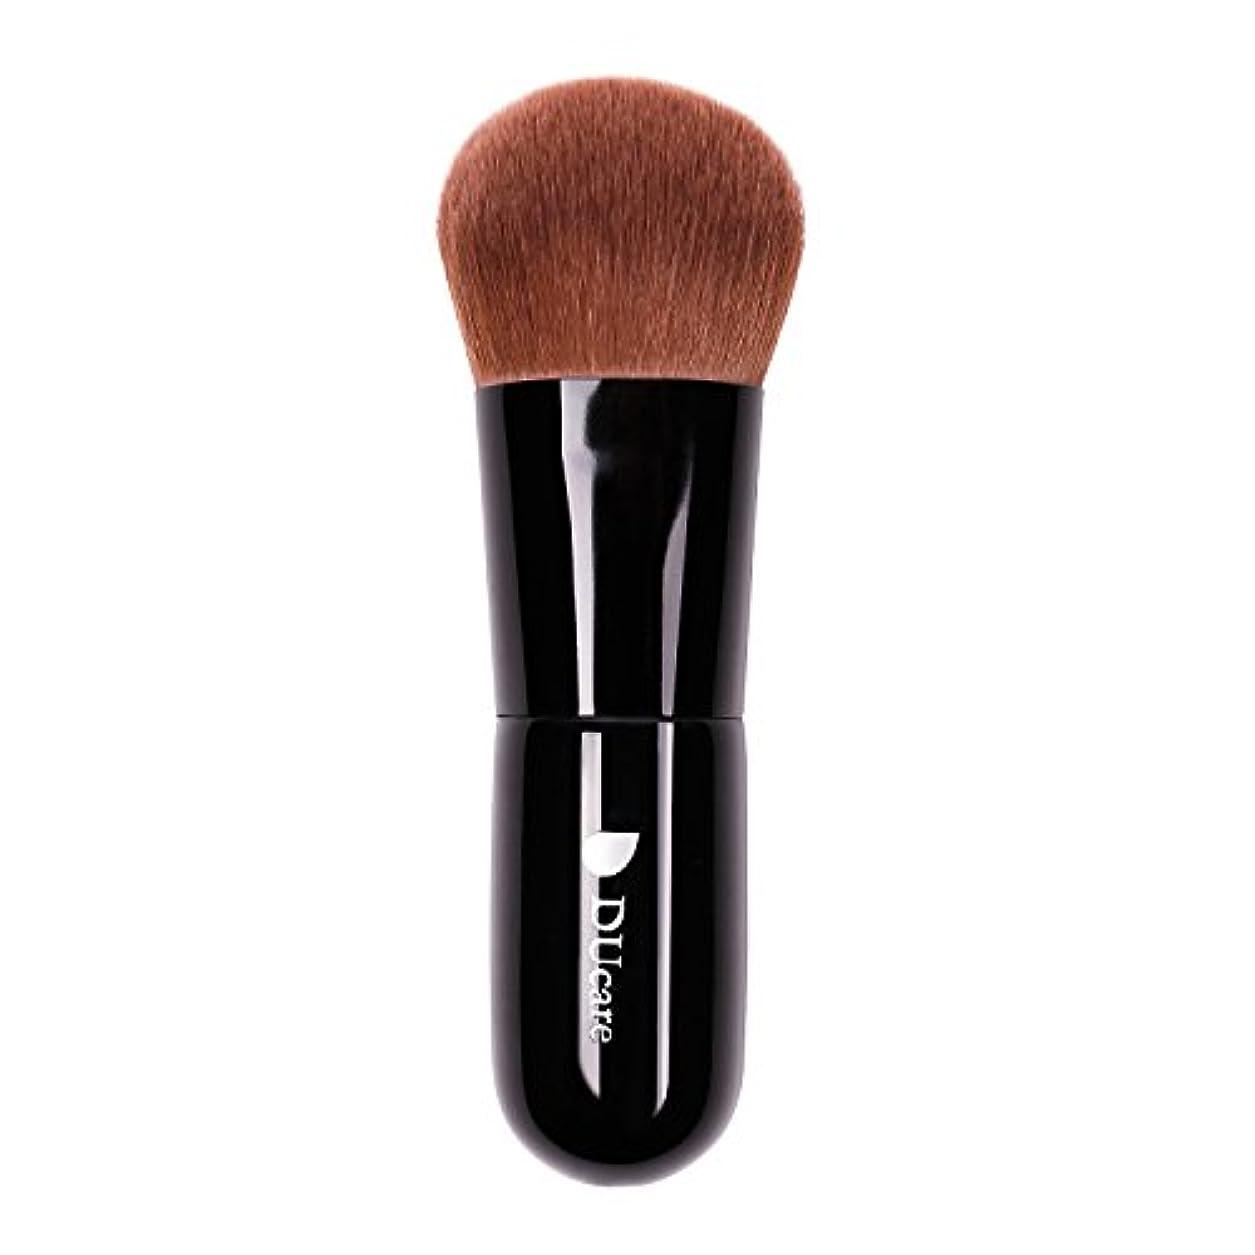 履歴書ディスク十分にドゥケア(DUcare) 化粧筆 ファンデーションブラシ フェイスブラシ 最高級のタクロンを使用